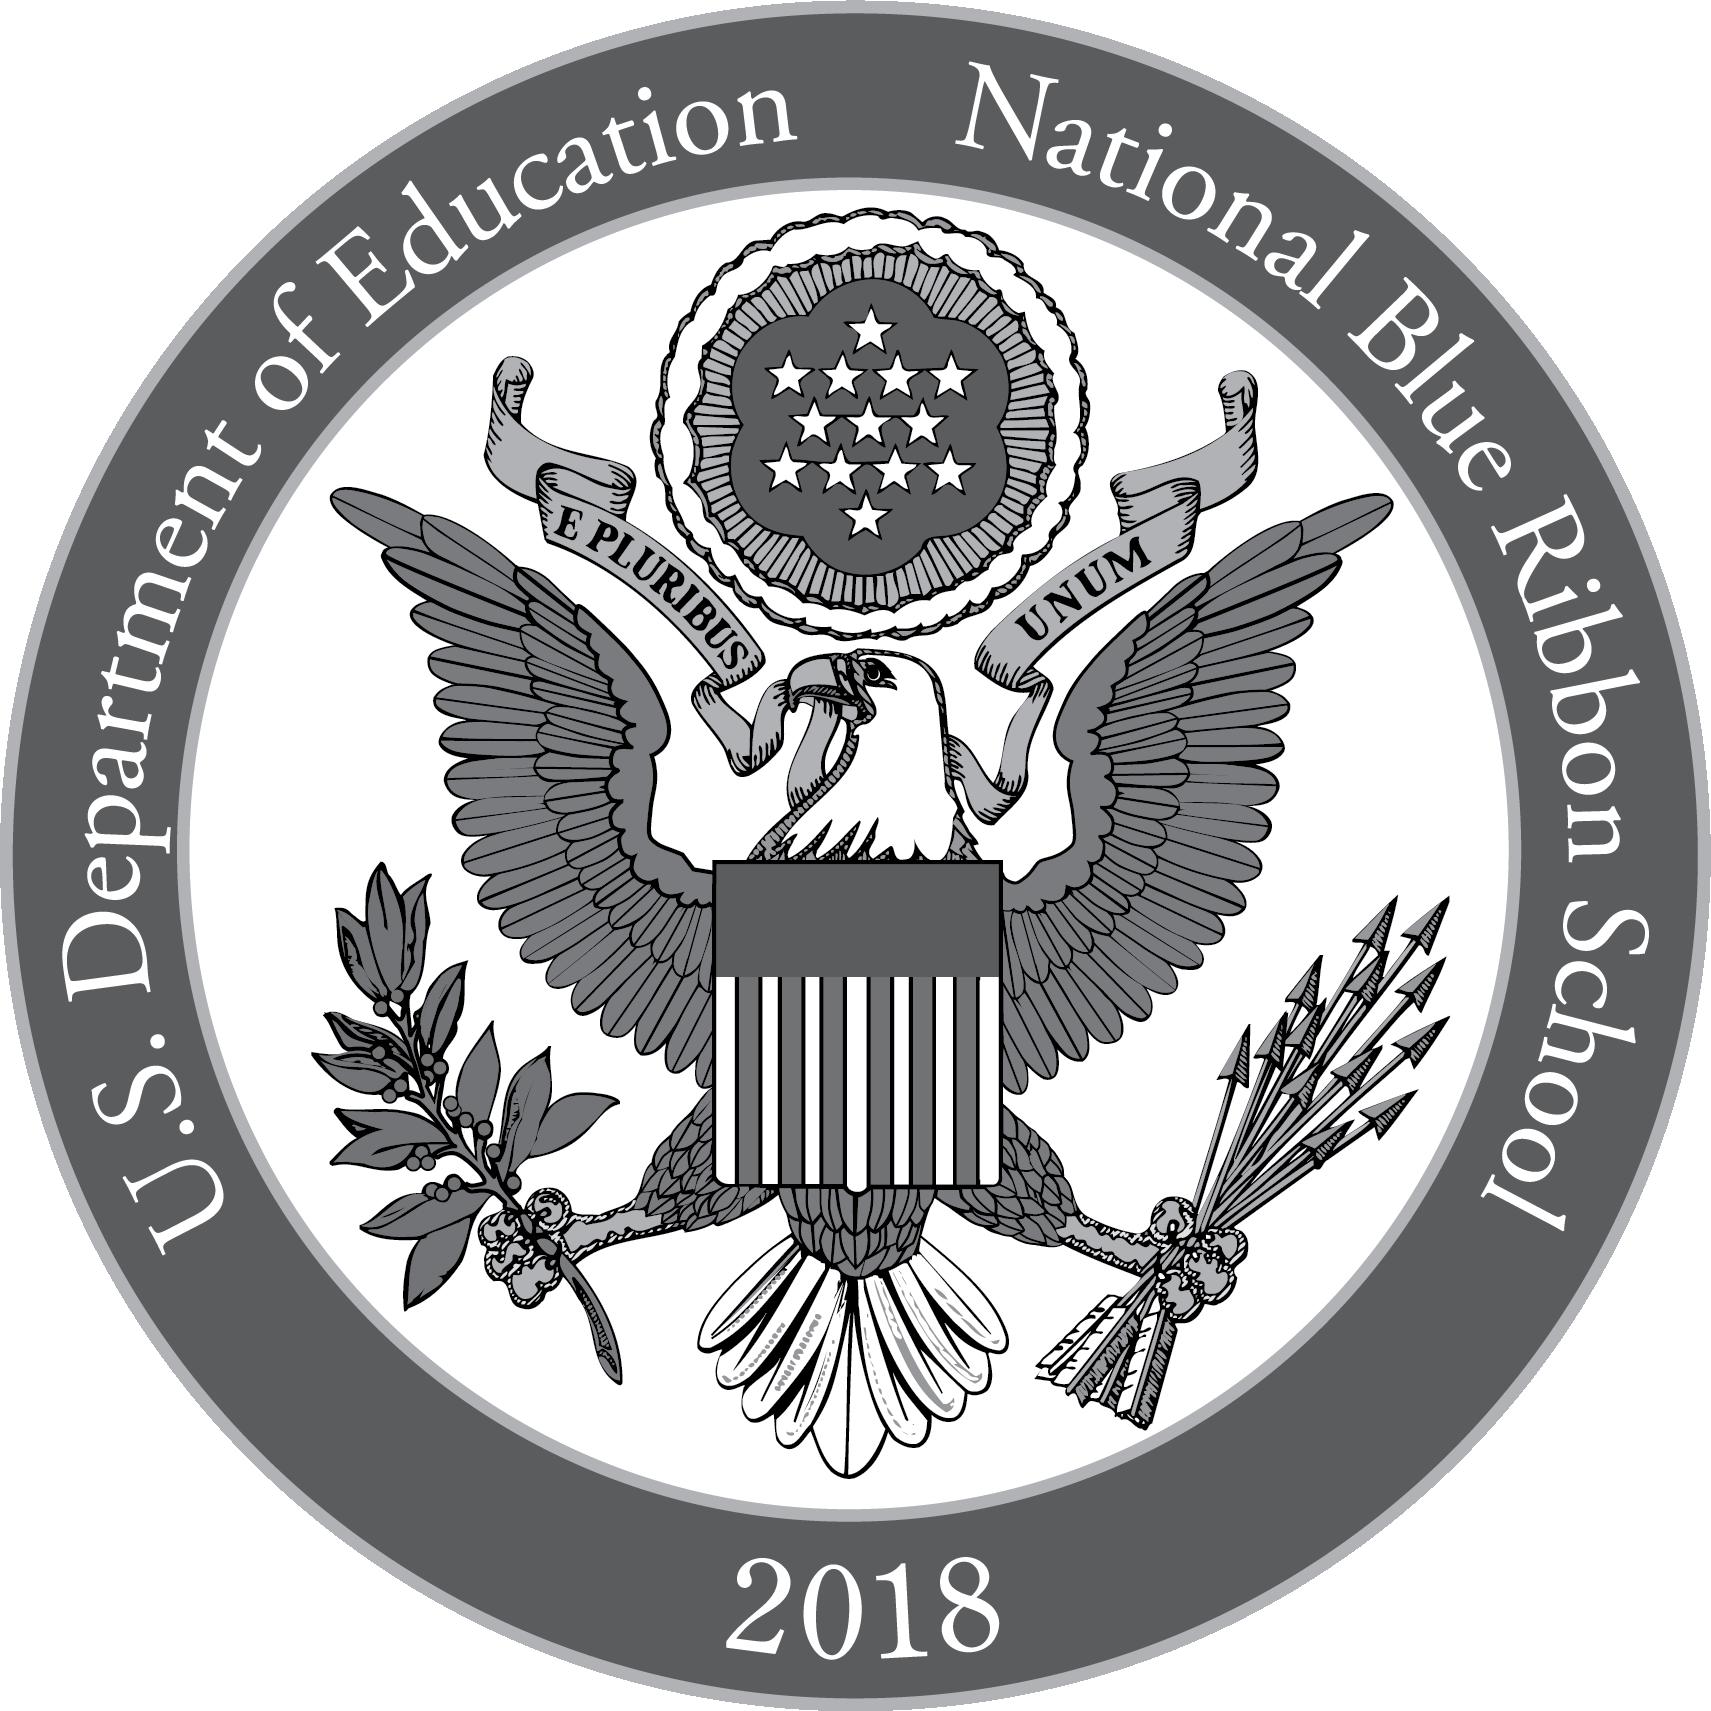 U.S. Separtment of Education